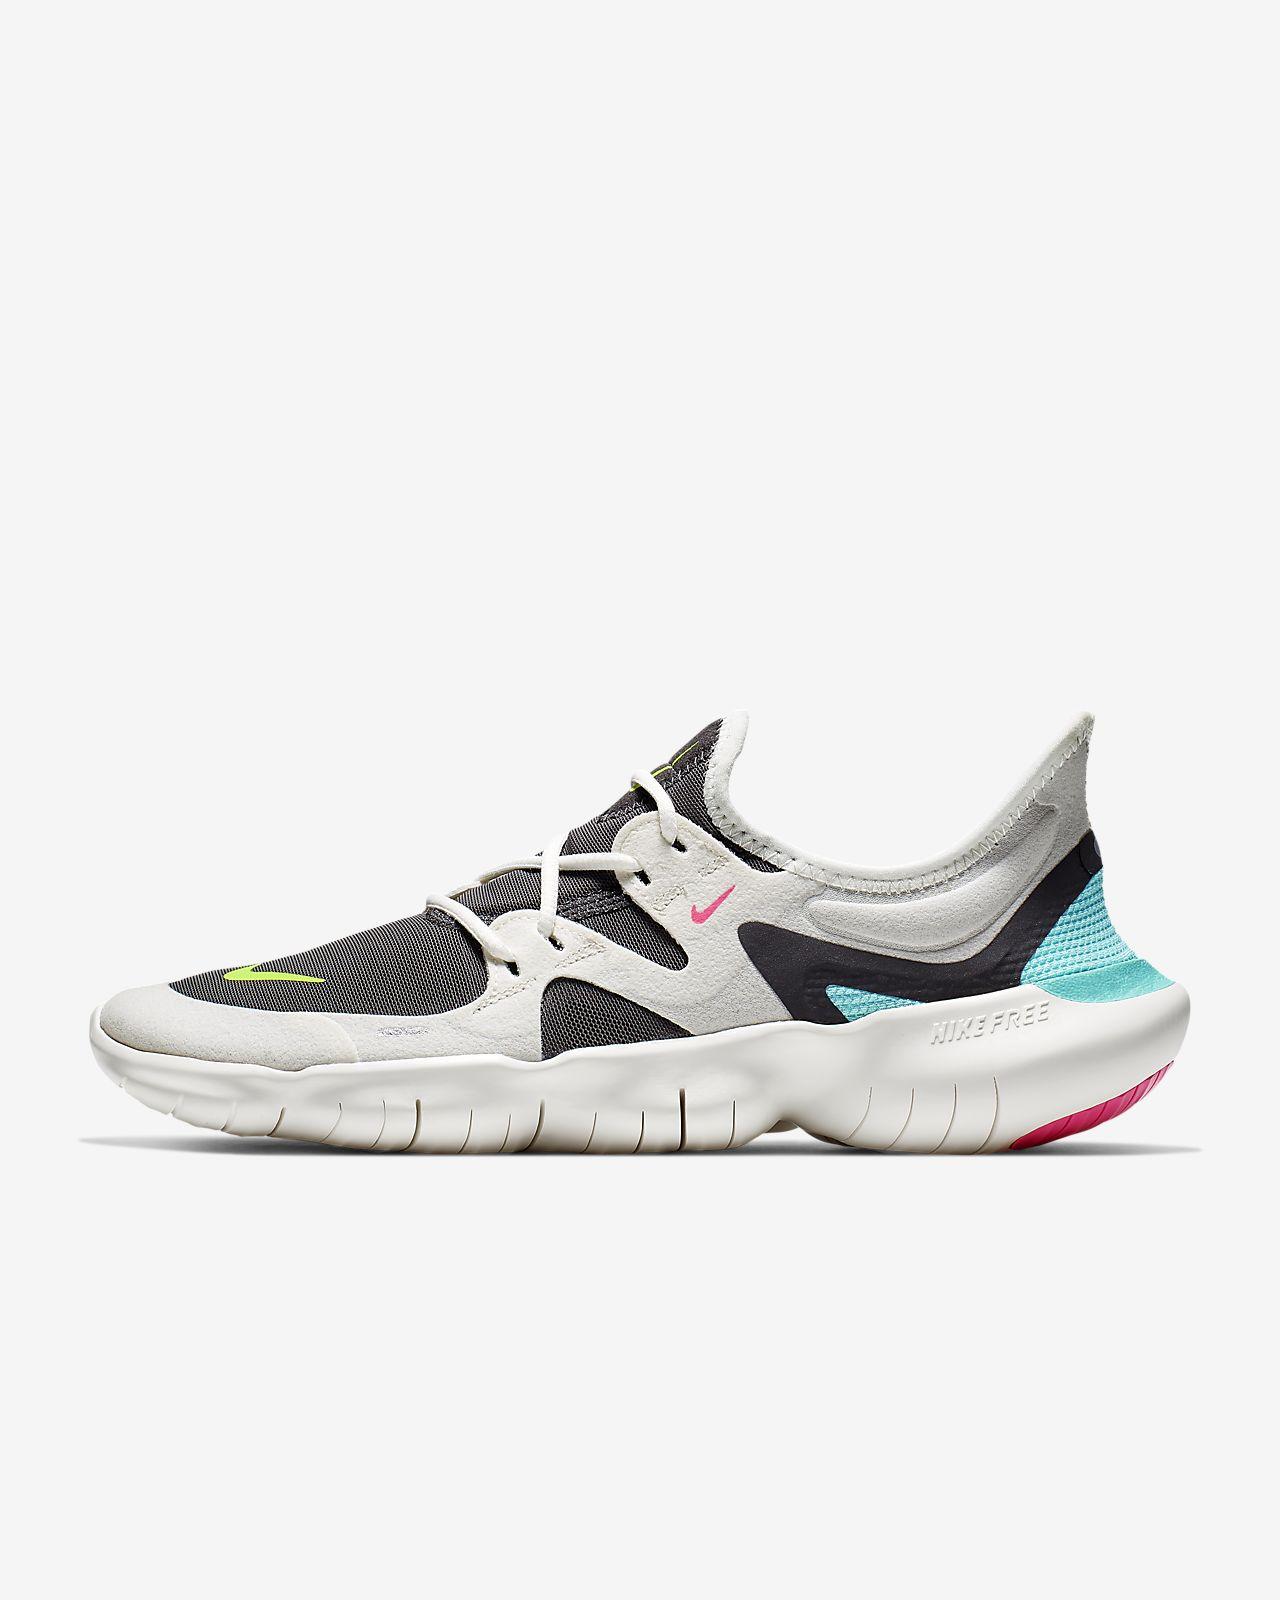 b6c8d939846 Nike Free RN 5.0 Hardloopschoen voor dames. Nike.com BE